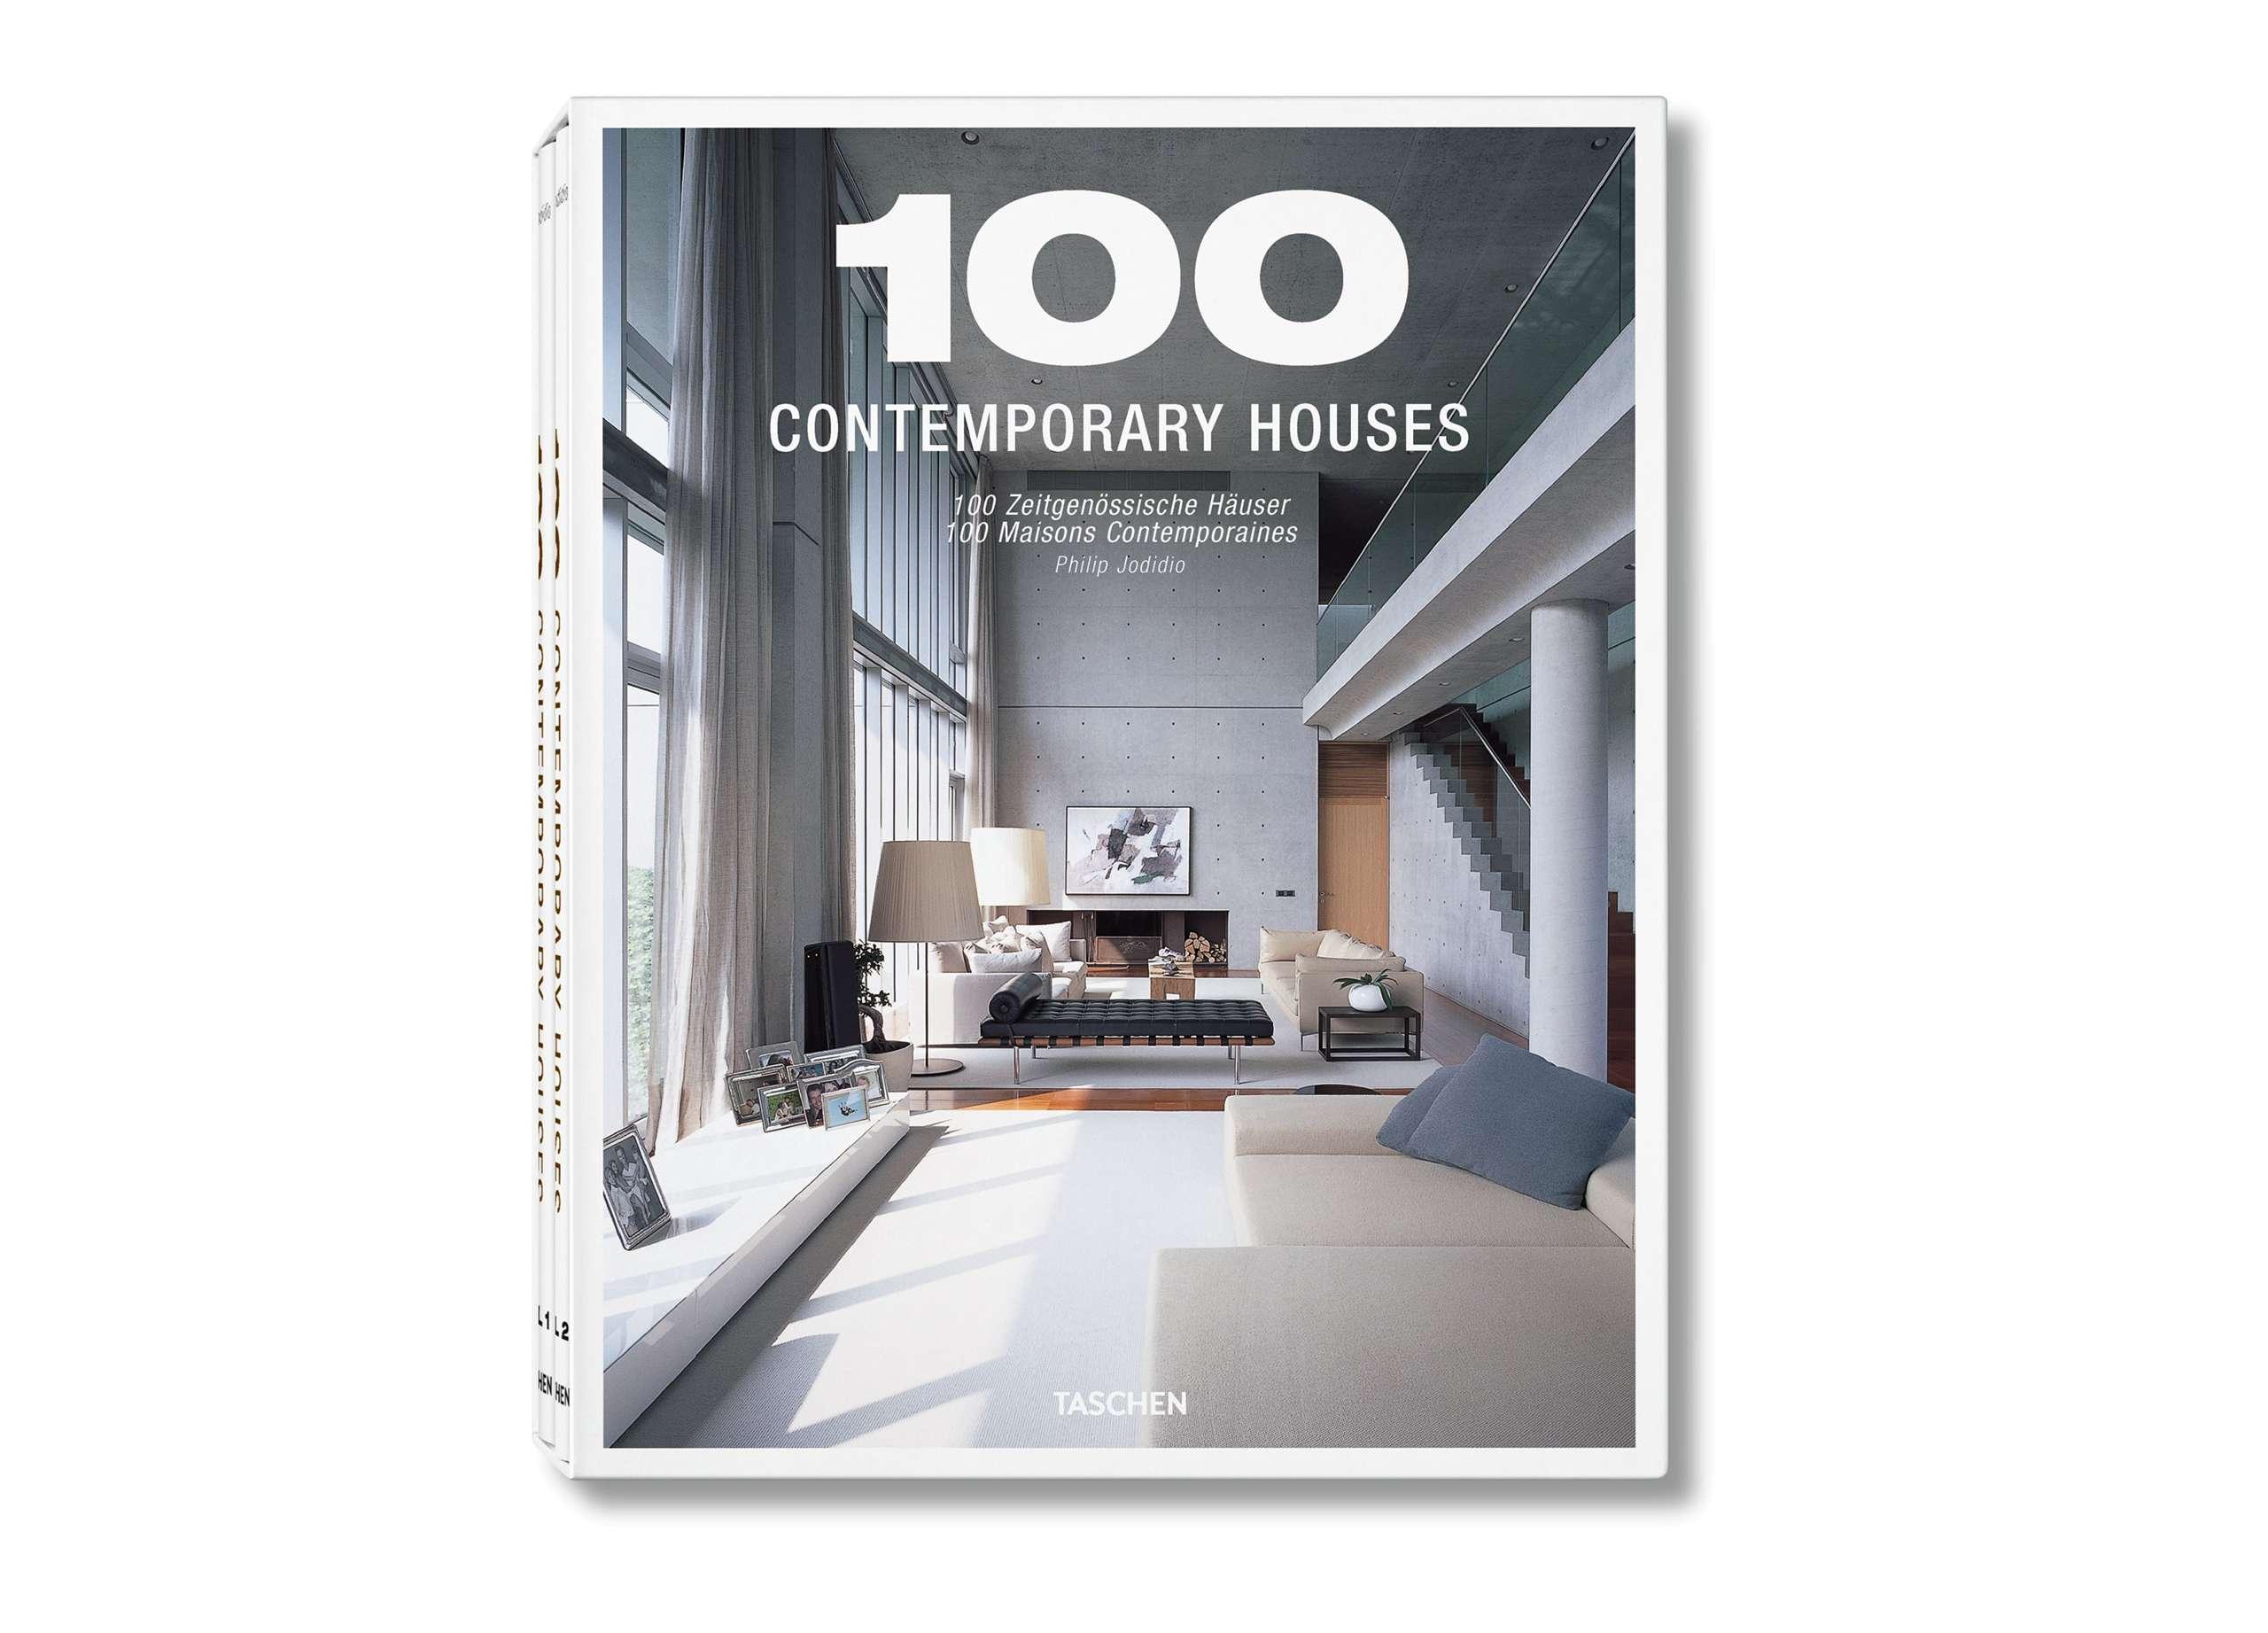 Taschen | 100 Zeitgenössische Häuser | The Qvest Shop